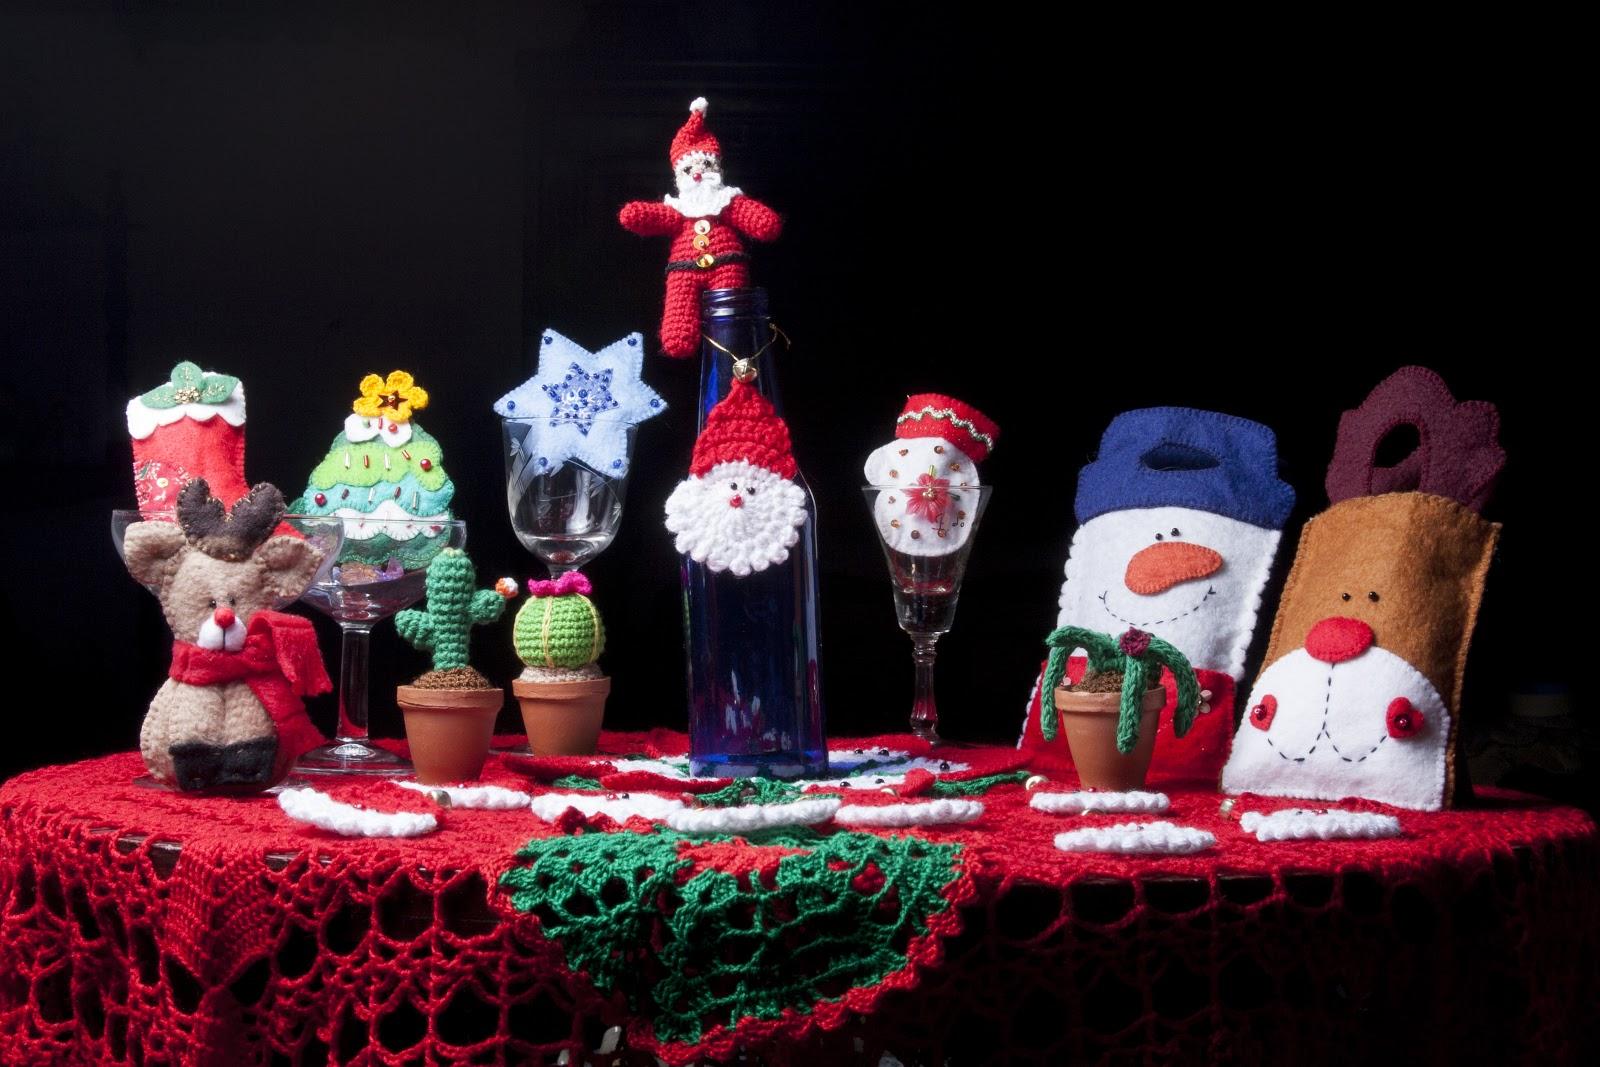 Tejidos manualidades y algo mas peque os detalles de navidad - Detalles de navidad manualidades ...